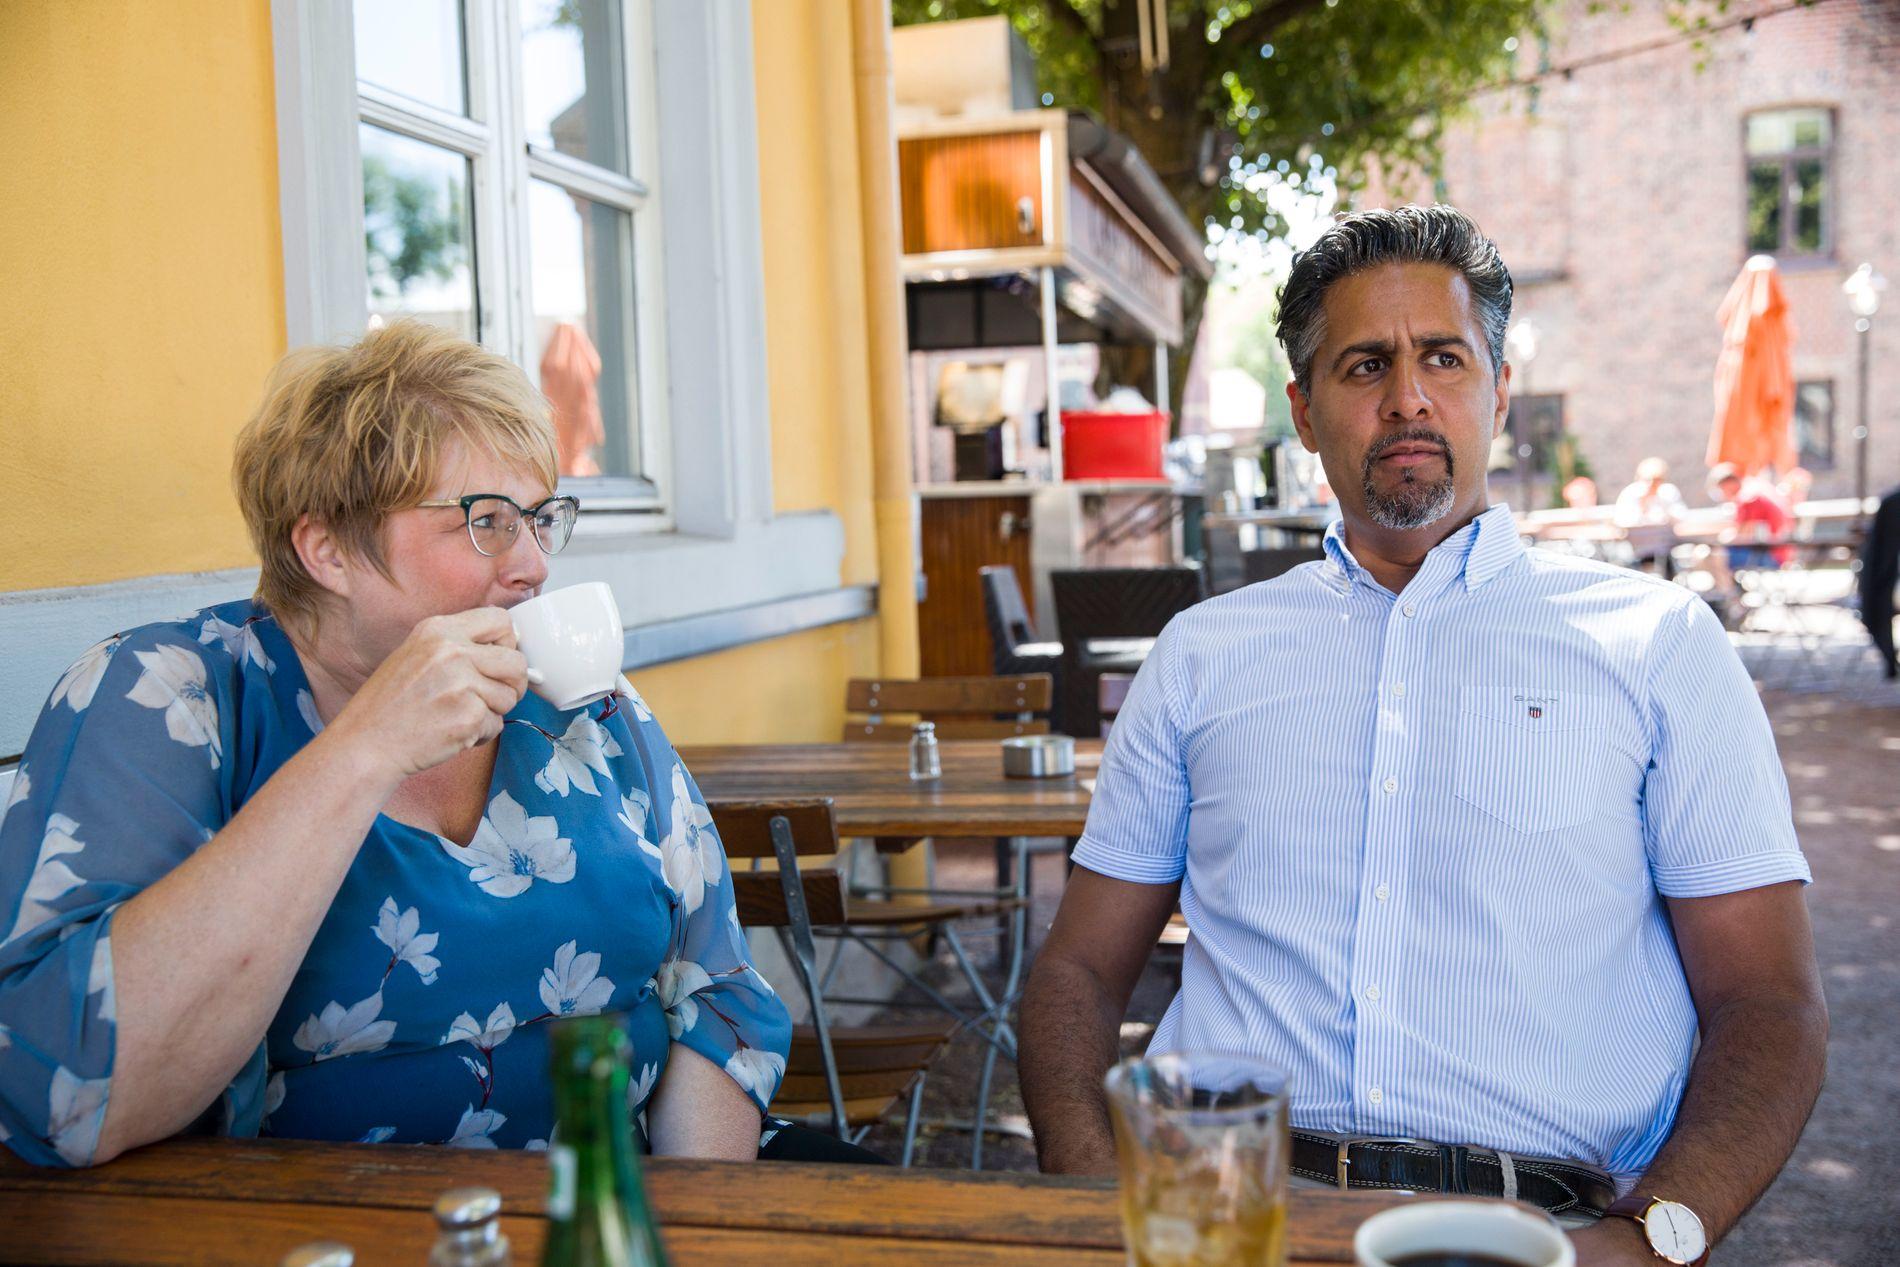 PROVOSERT: Venstre-toppene går hardt ut mot justisminister Sylvi Listhaug i sosiale medier. Her er Grande og Raja fotografert av VG i juli.